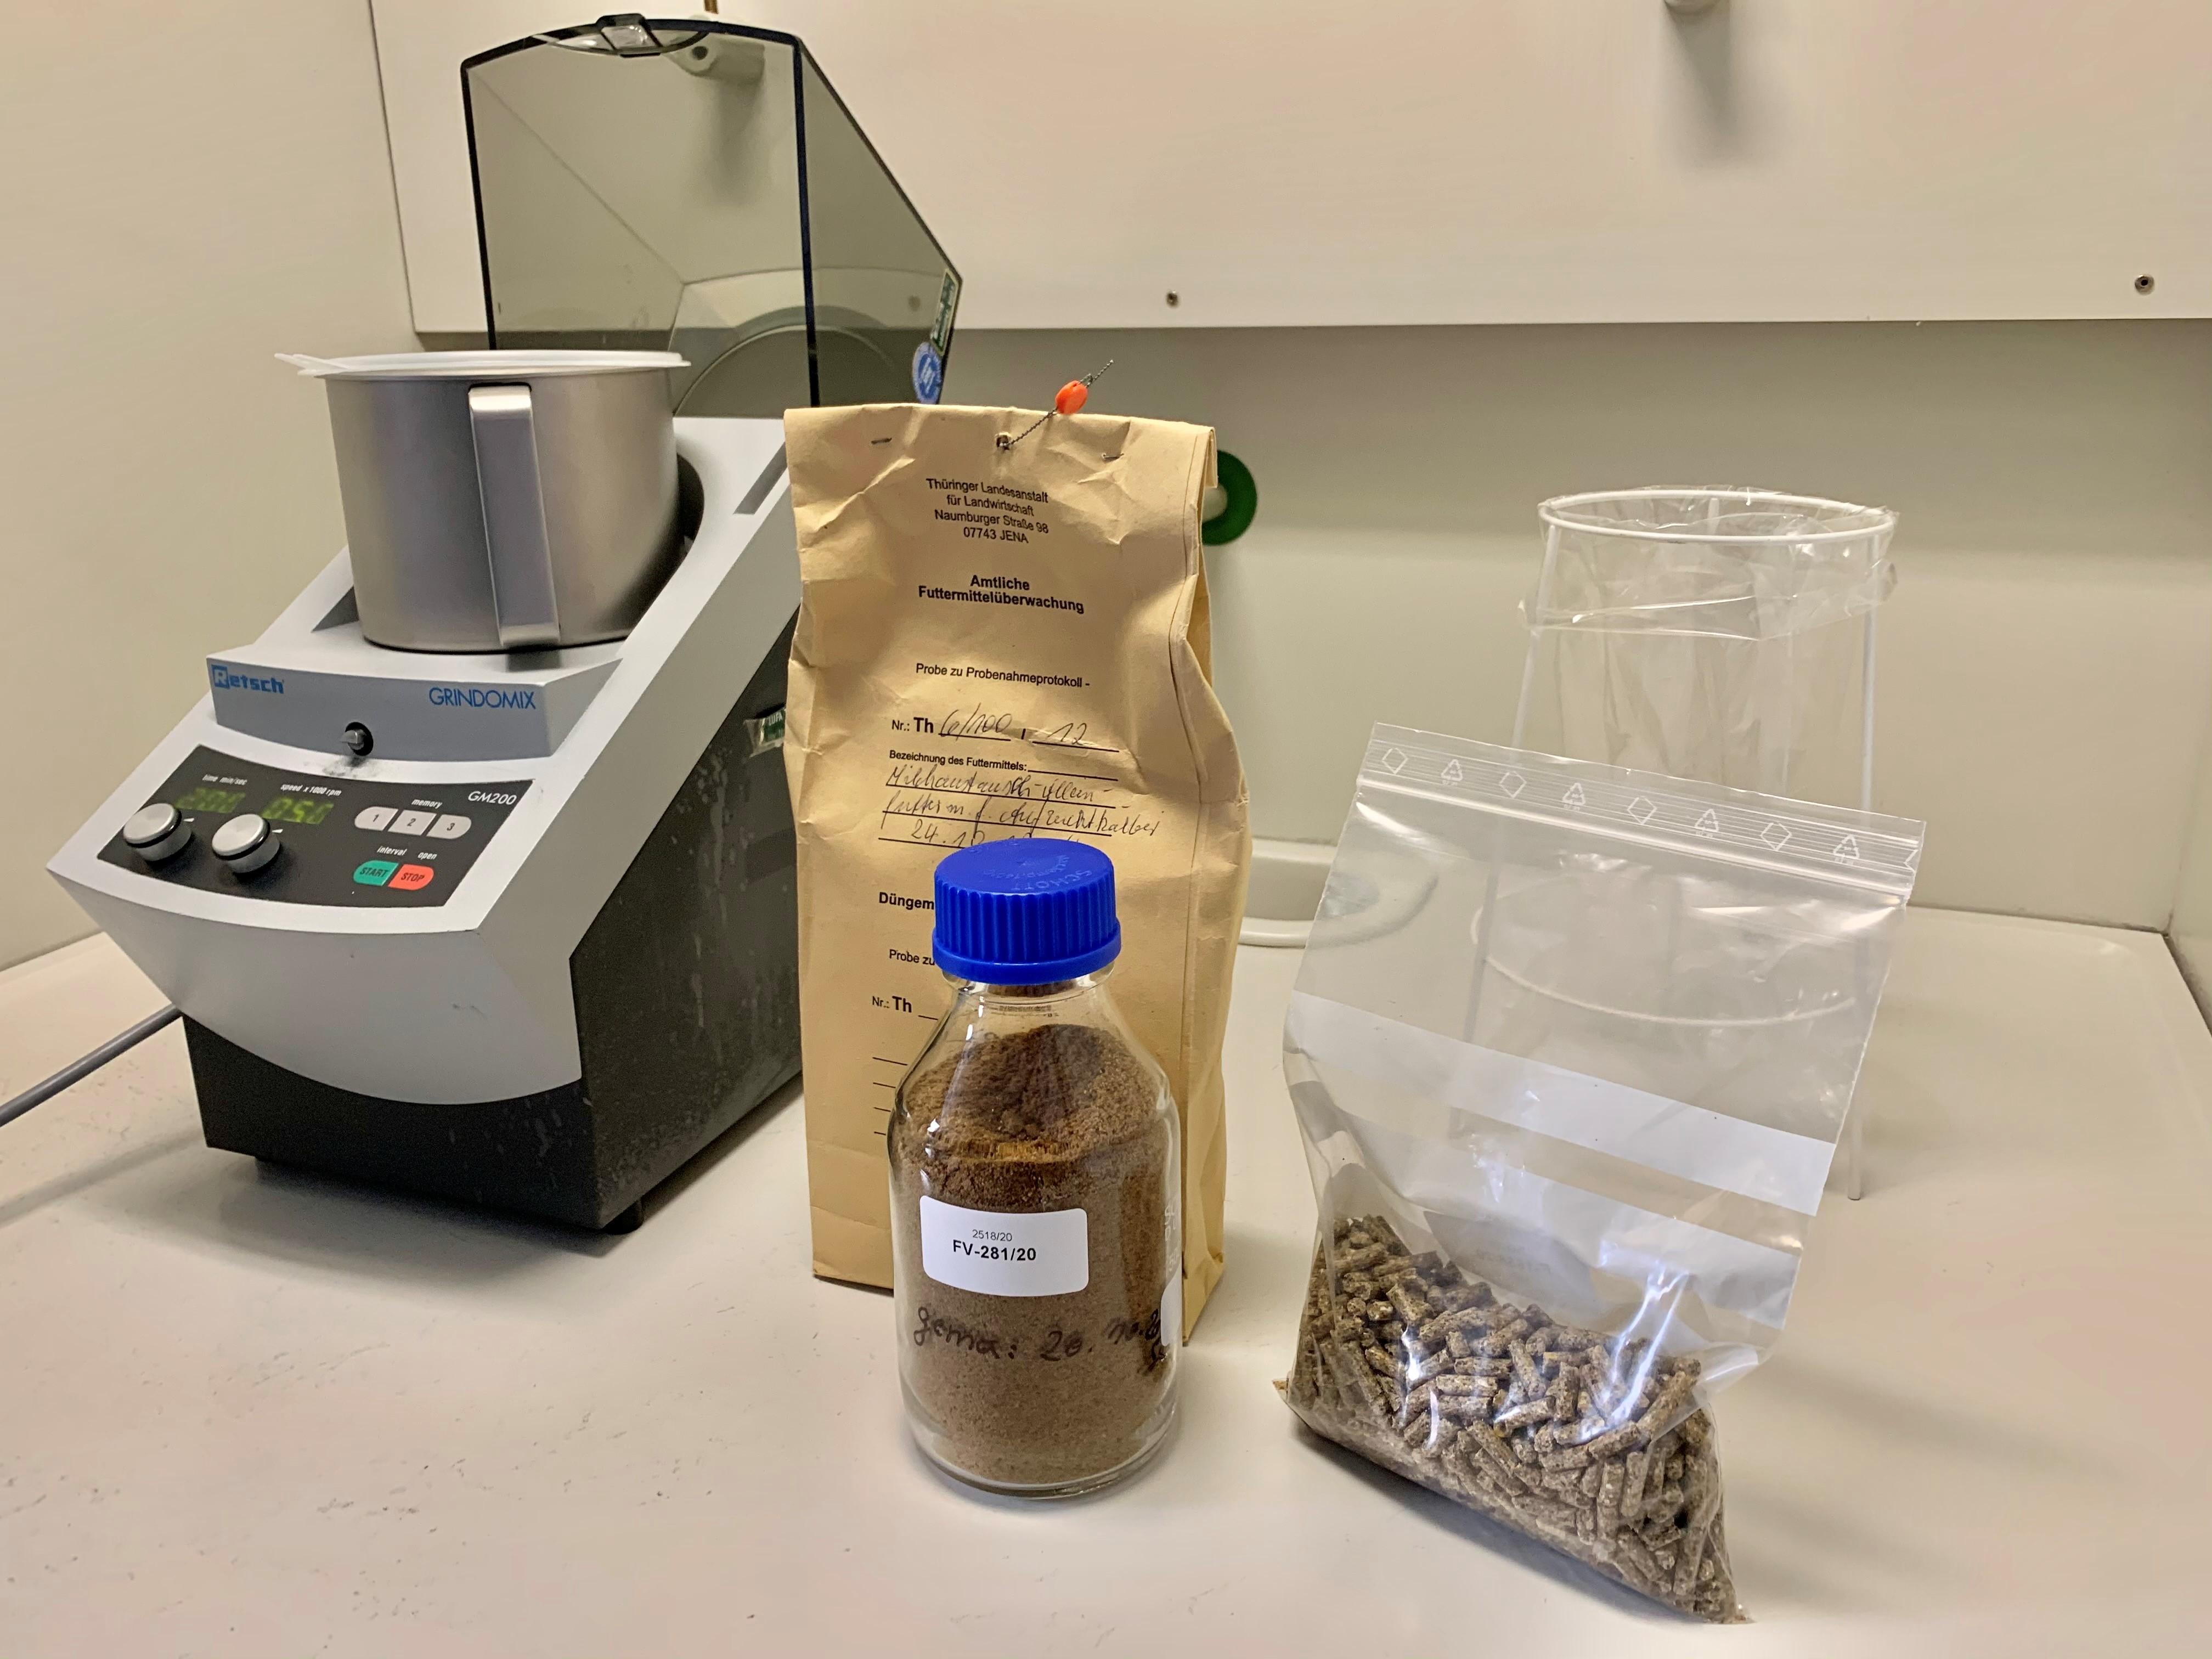 Probenvorbereitung für den Nachweis von Wiederkäuer-DNA in Futtermitteln